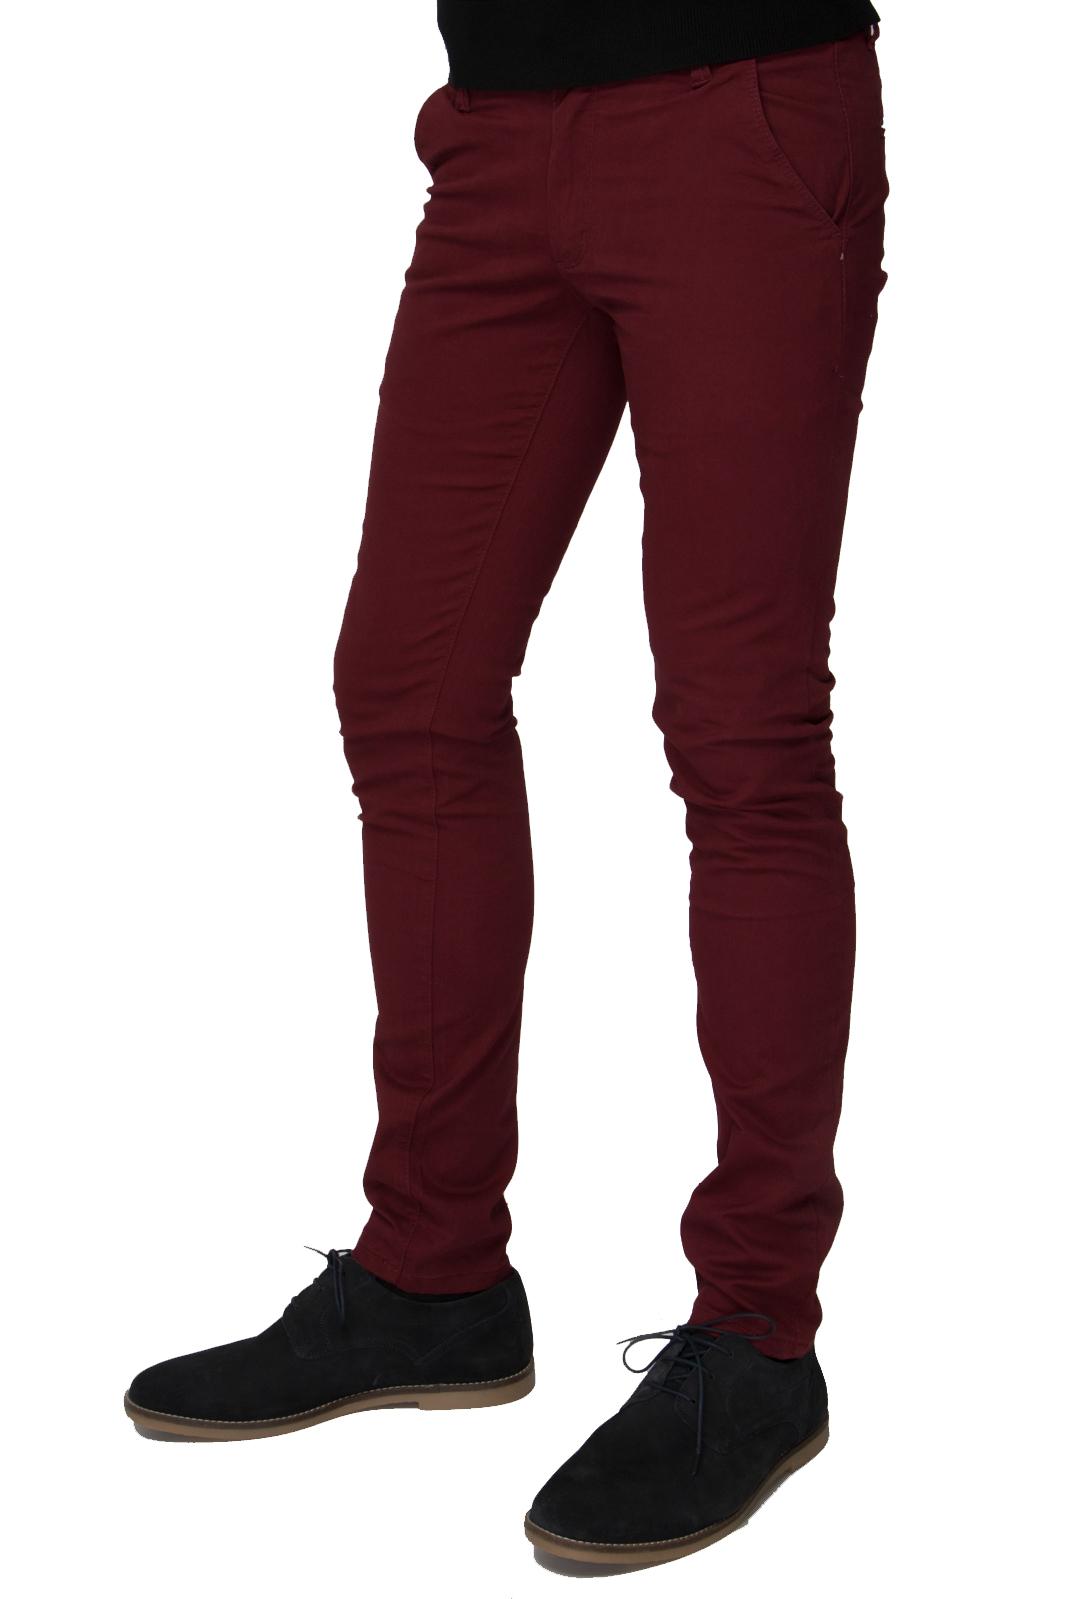 Βαμβακερό Παντελόνι Τσίνο Skinny Fit - Μπορντό